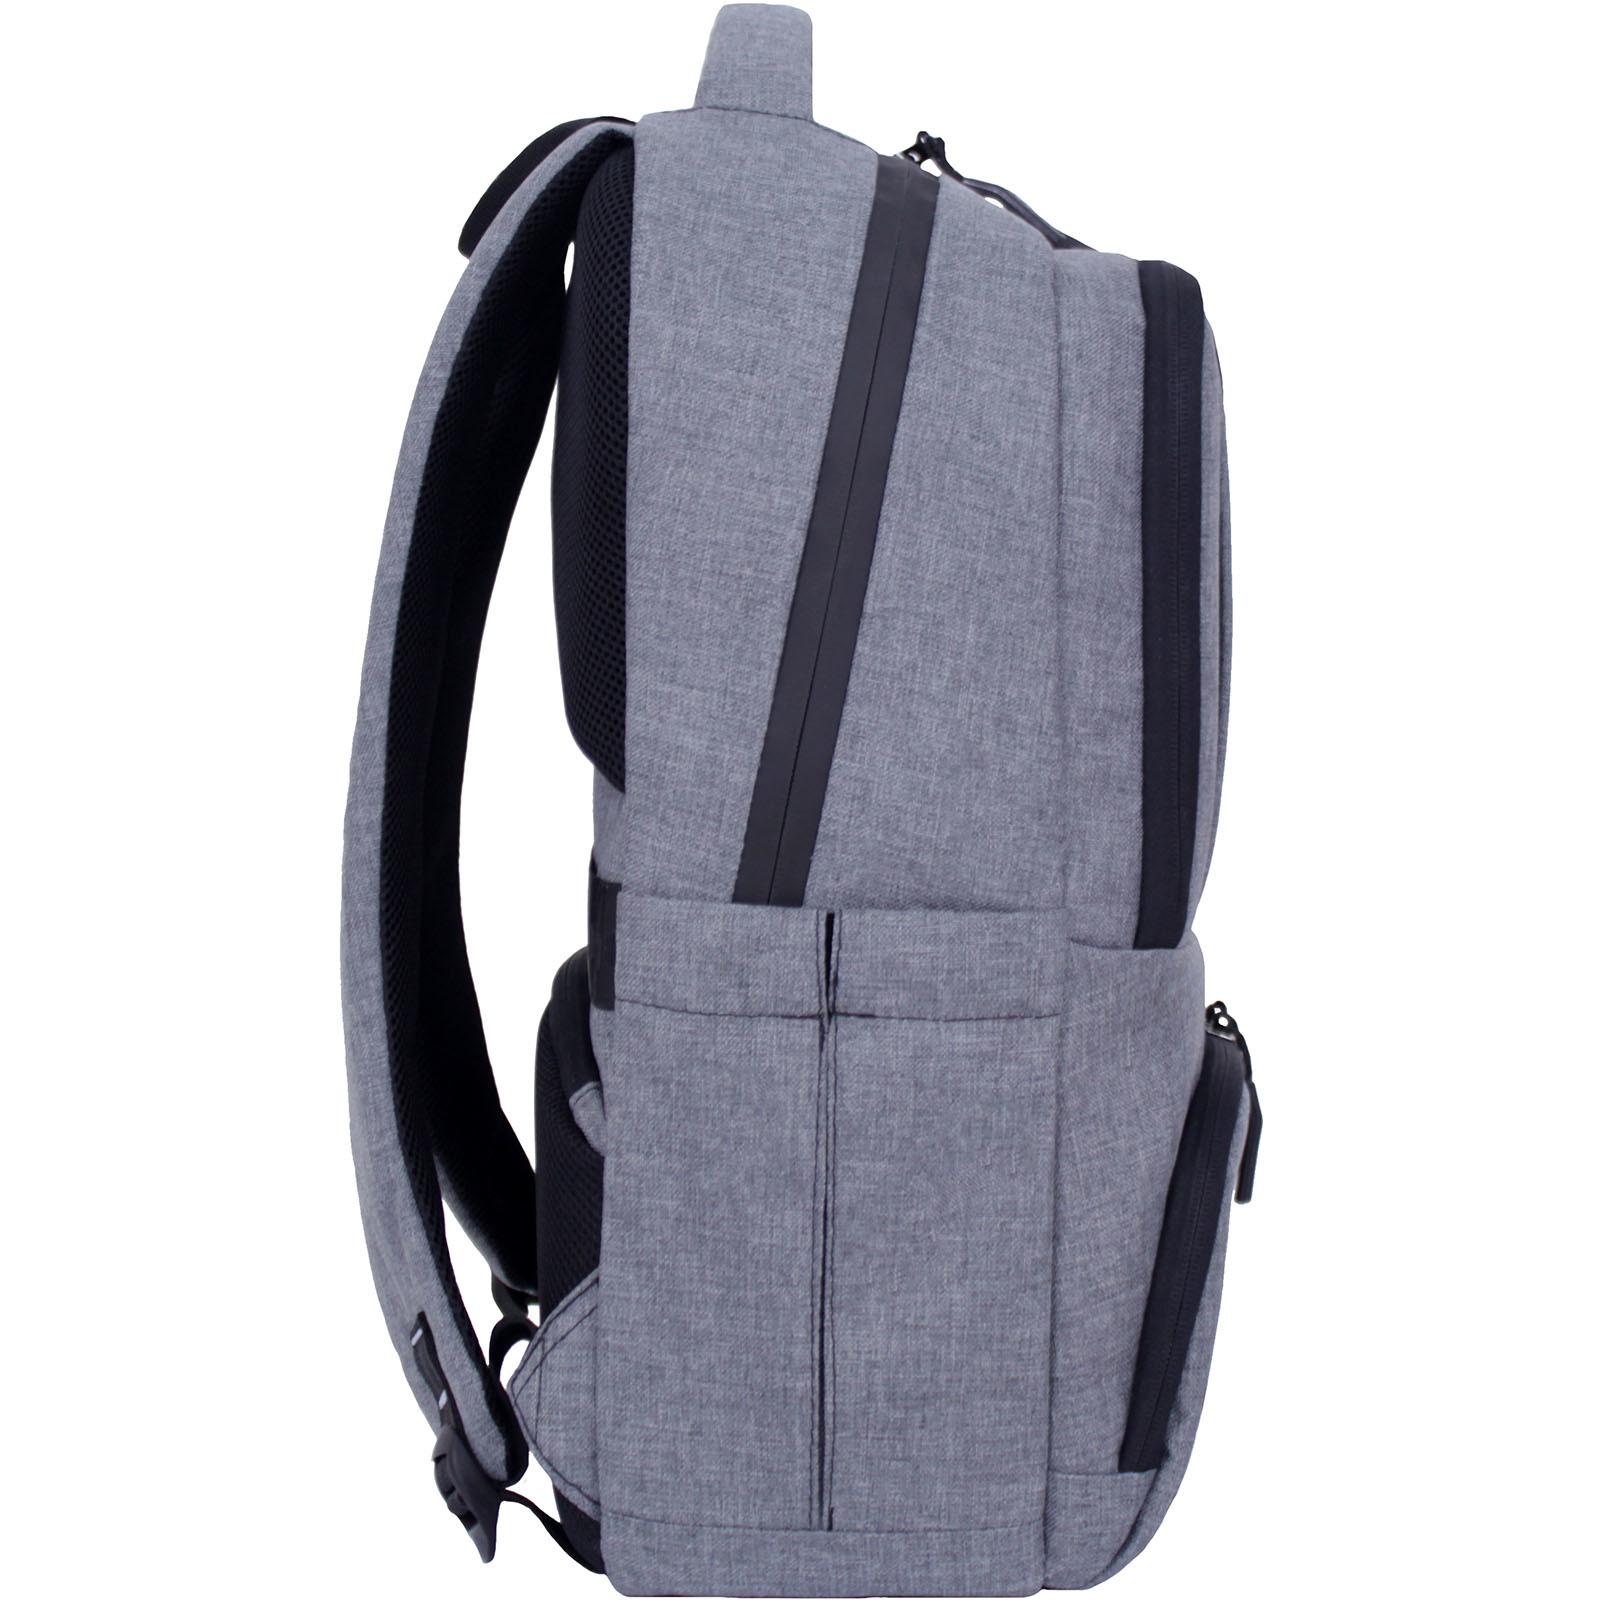 Рюкзак школьный Bagland STARK серый (0014366) фото 2